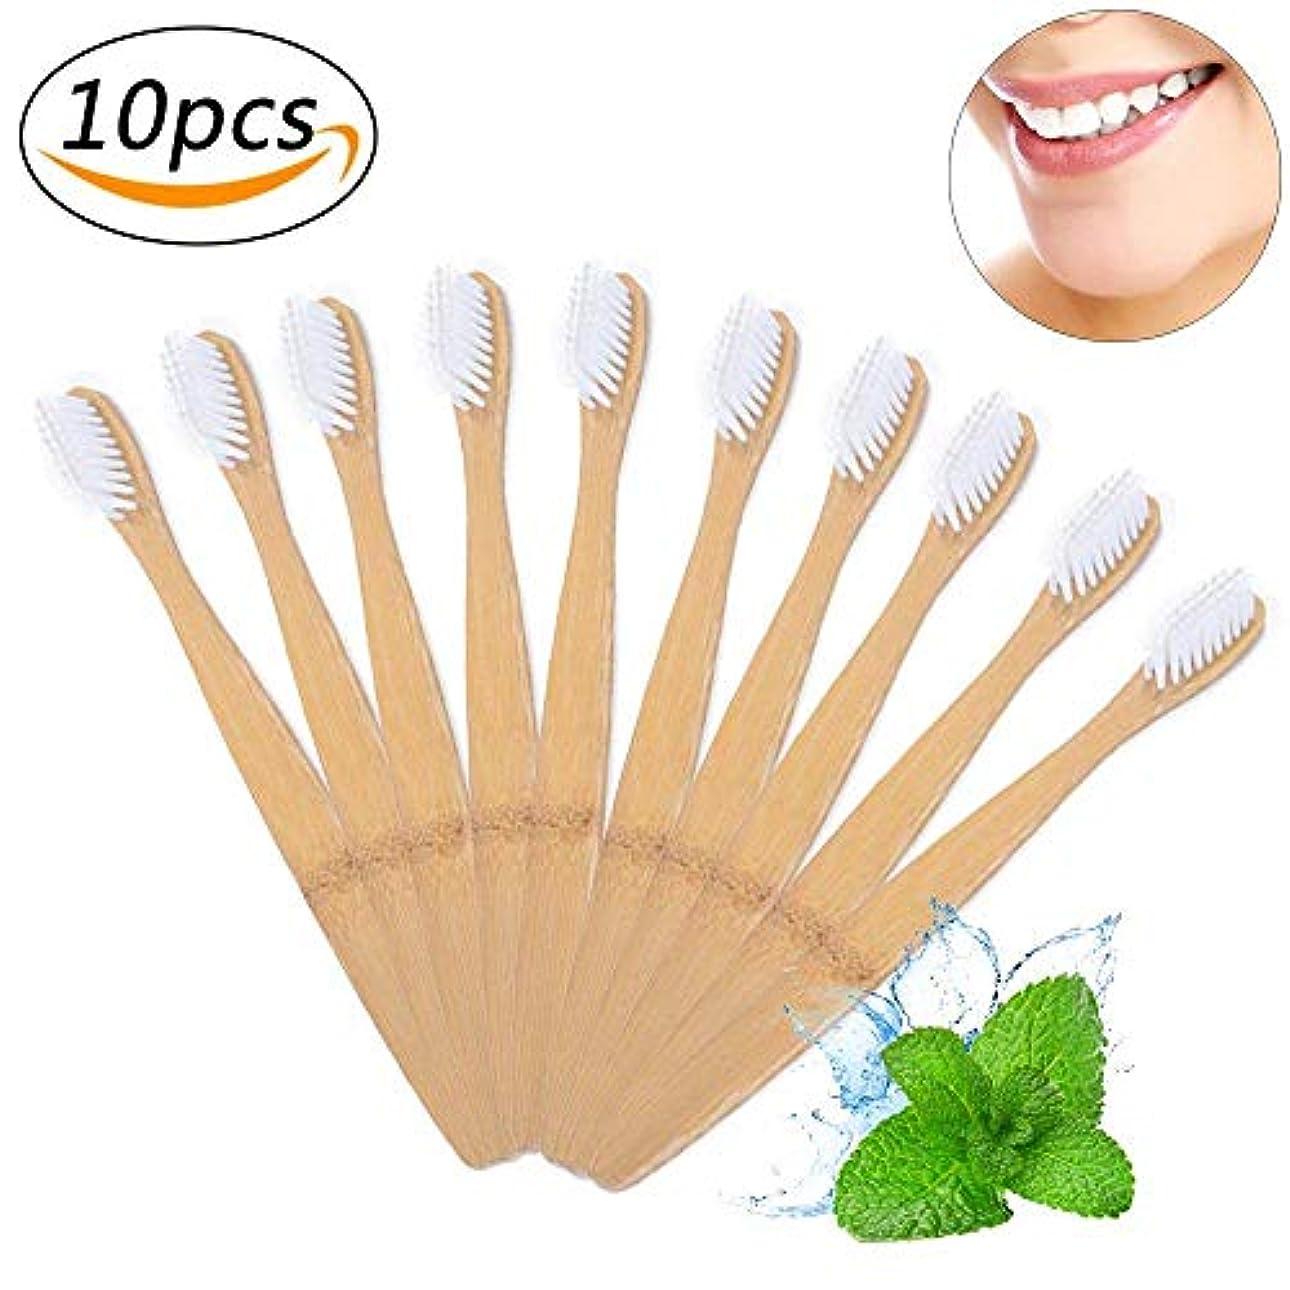 お別れ開発する徹底的に竹の歯ブラシ 環境保護の歯ブラシ 柔らかいブラシ 分解性 耐久性 ホワイト 10本入